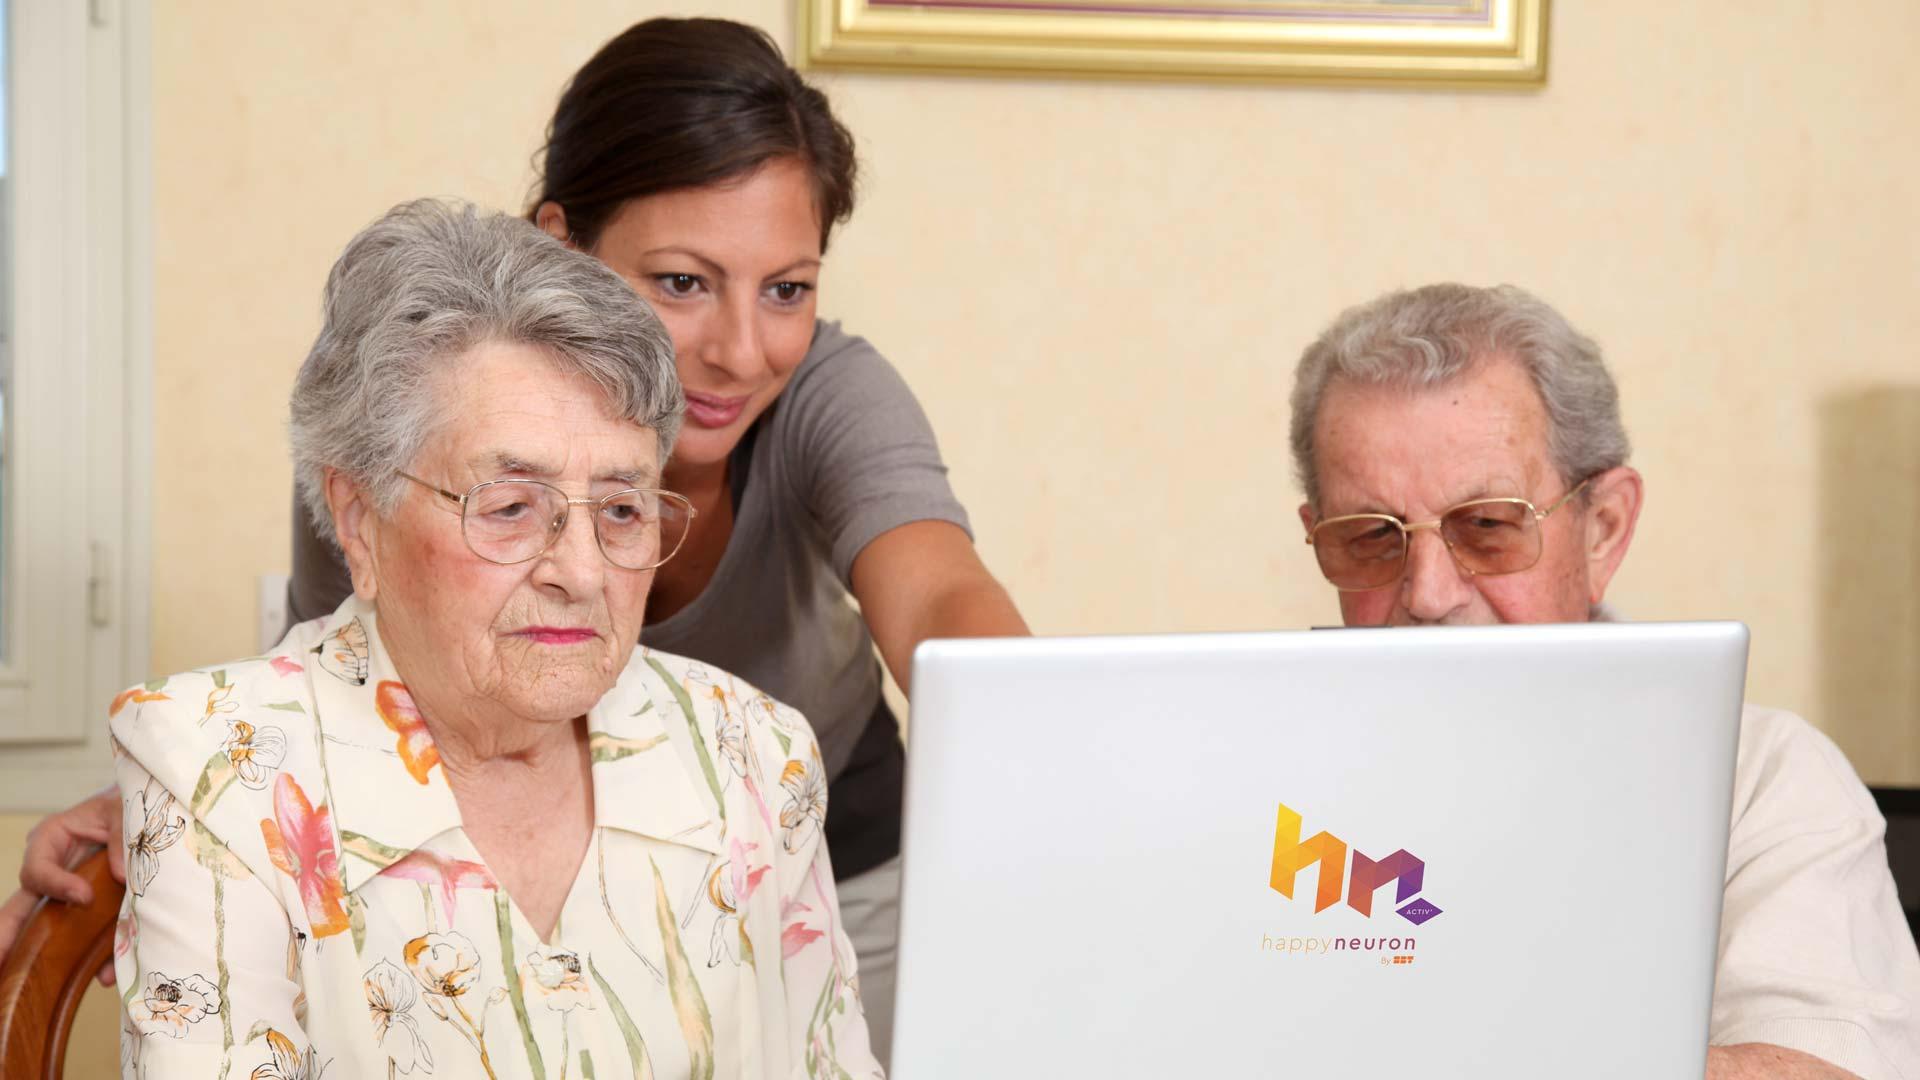 HappyNeuron Activ : stimulation cognitive seniors à domicile via services à domicile